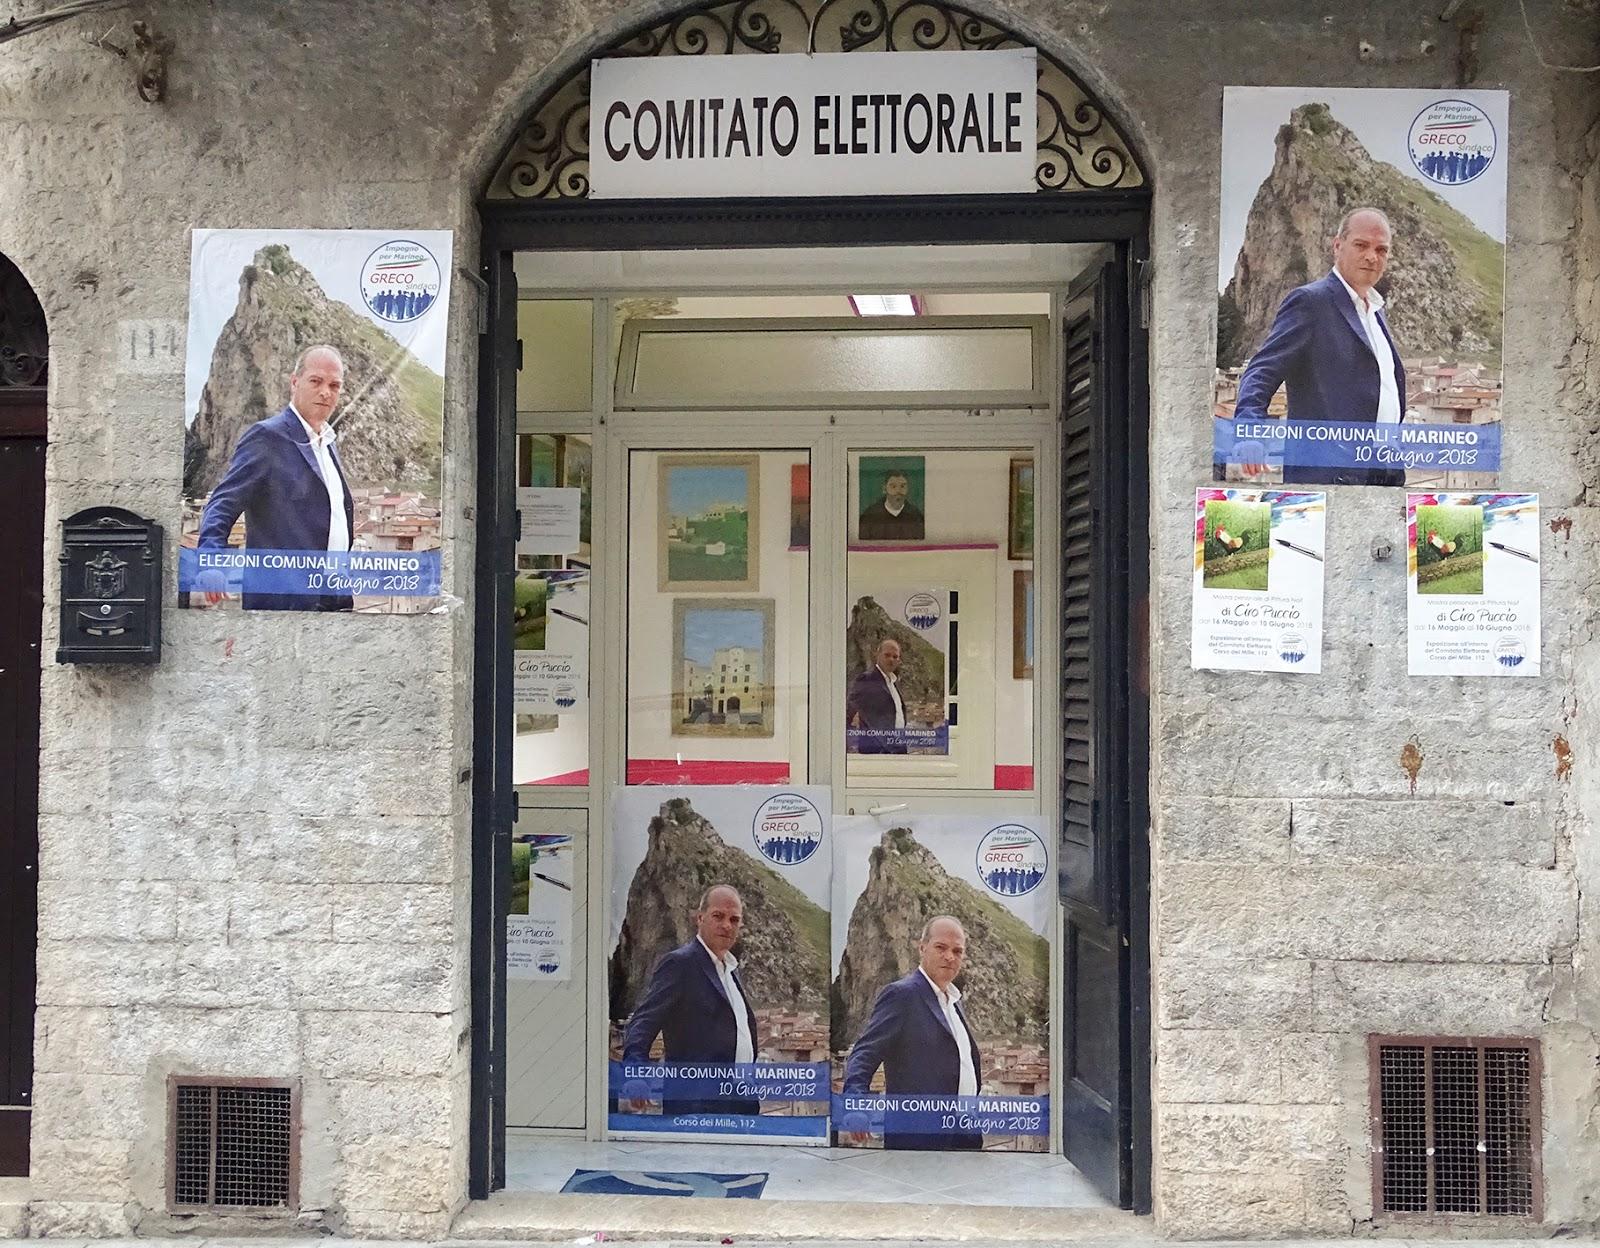 Nuove attività commerciali   Bottega del greco  Cave canem ! 729a3176fbb